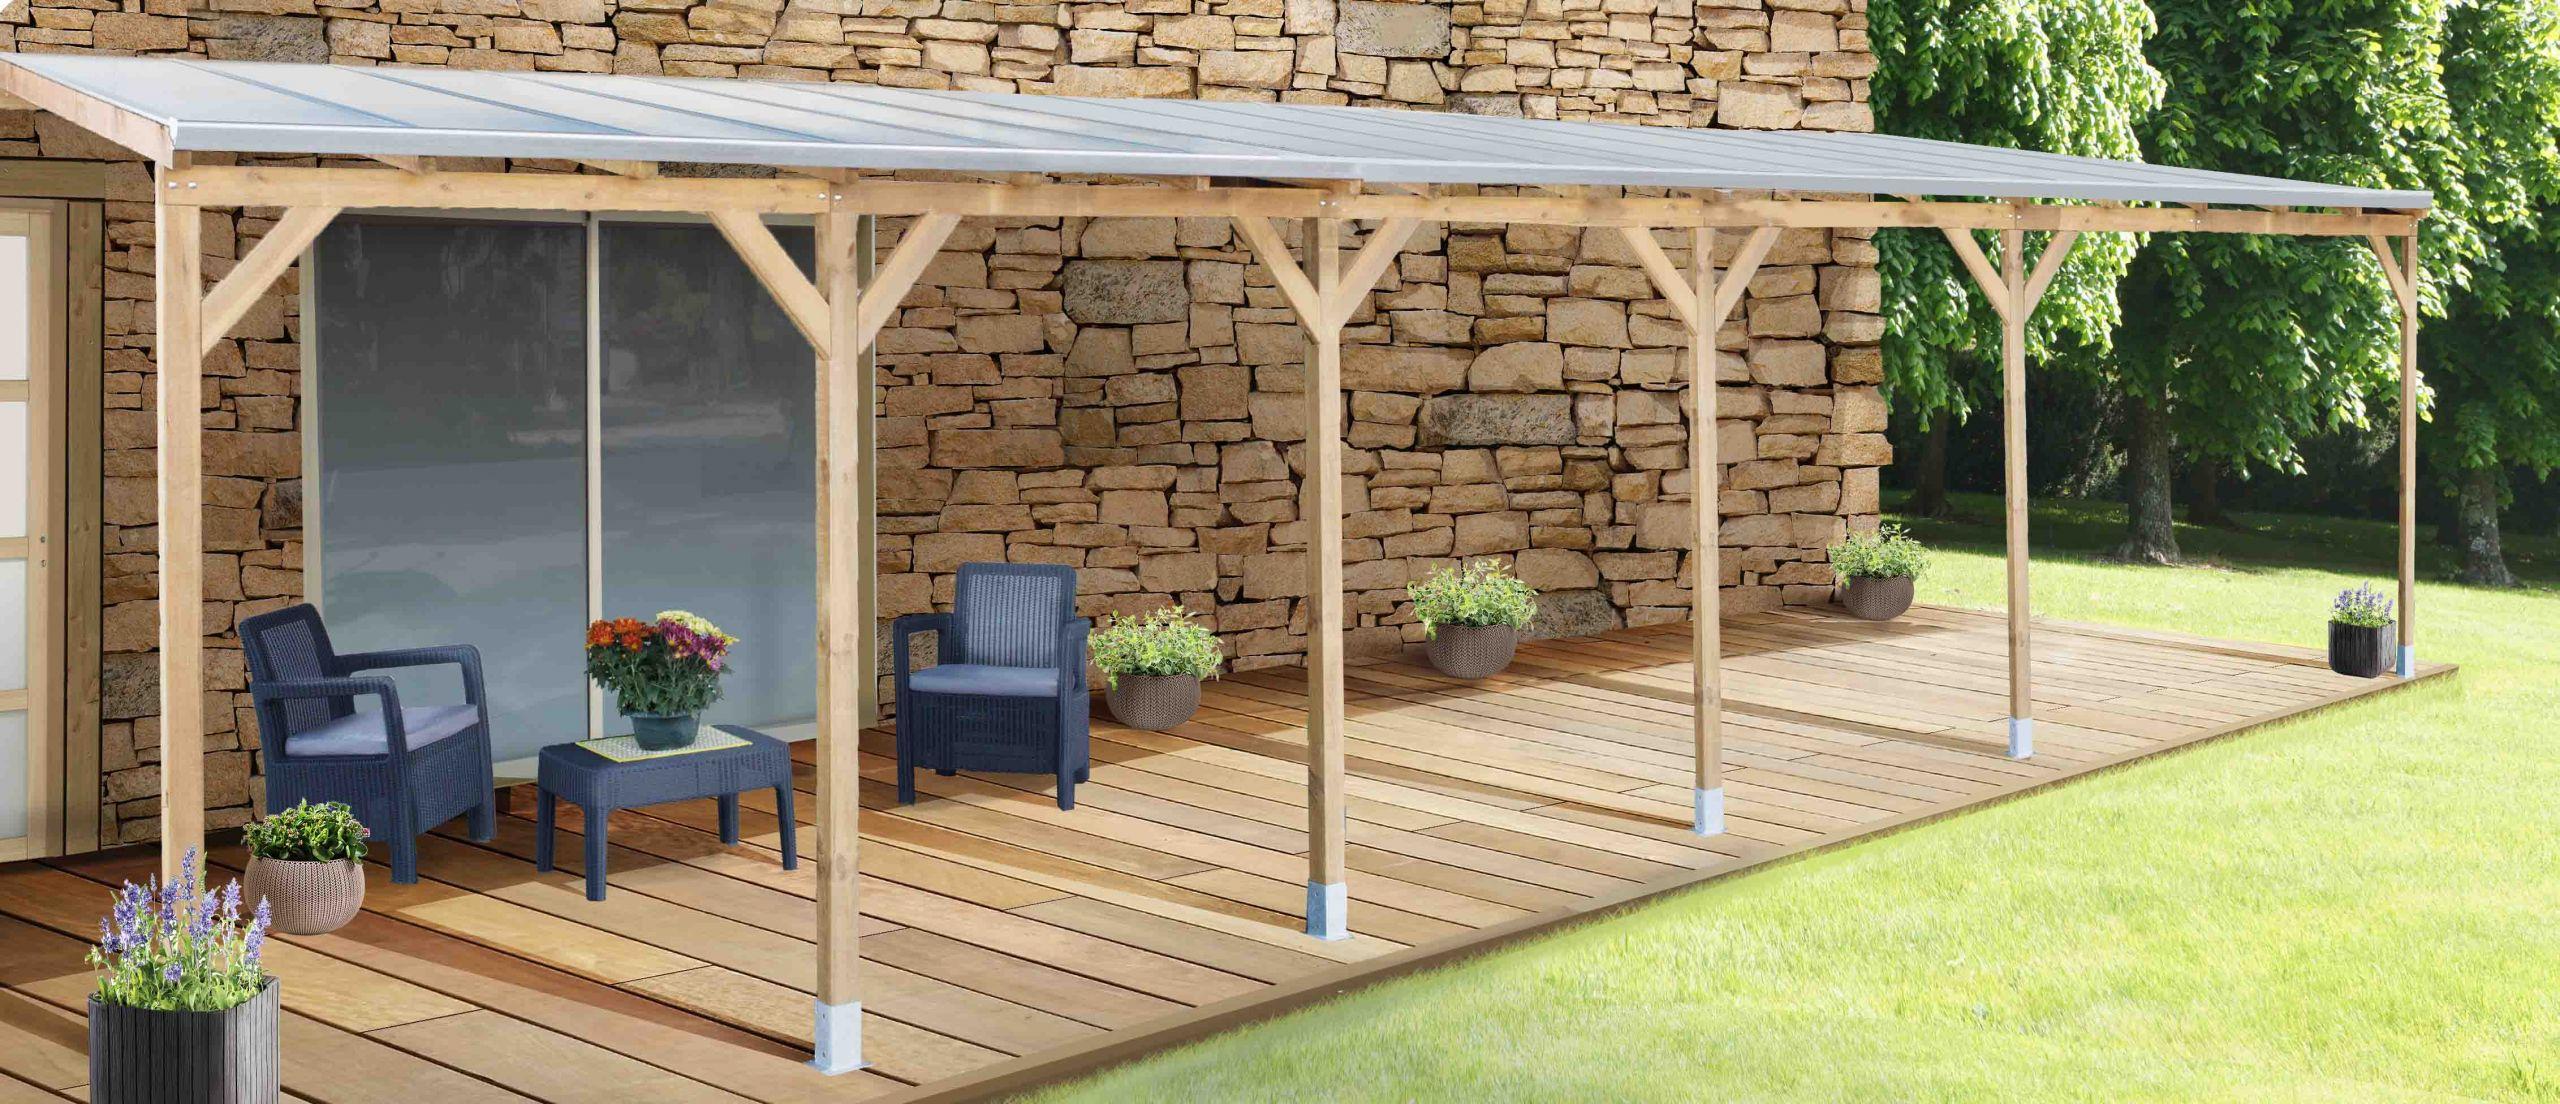 PALRAM La maison du jardin Le Toit Terrasse en bois avec